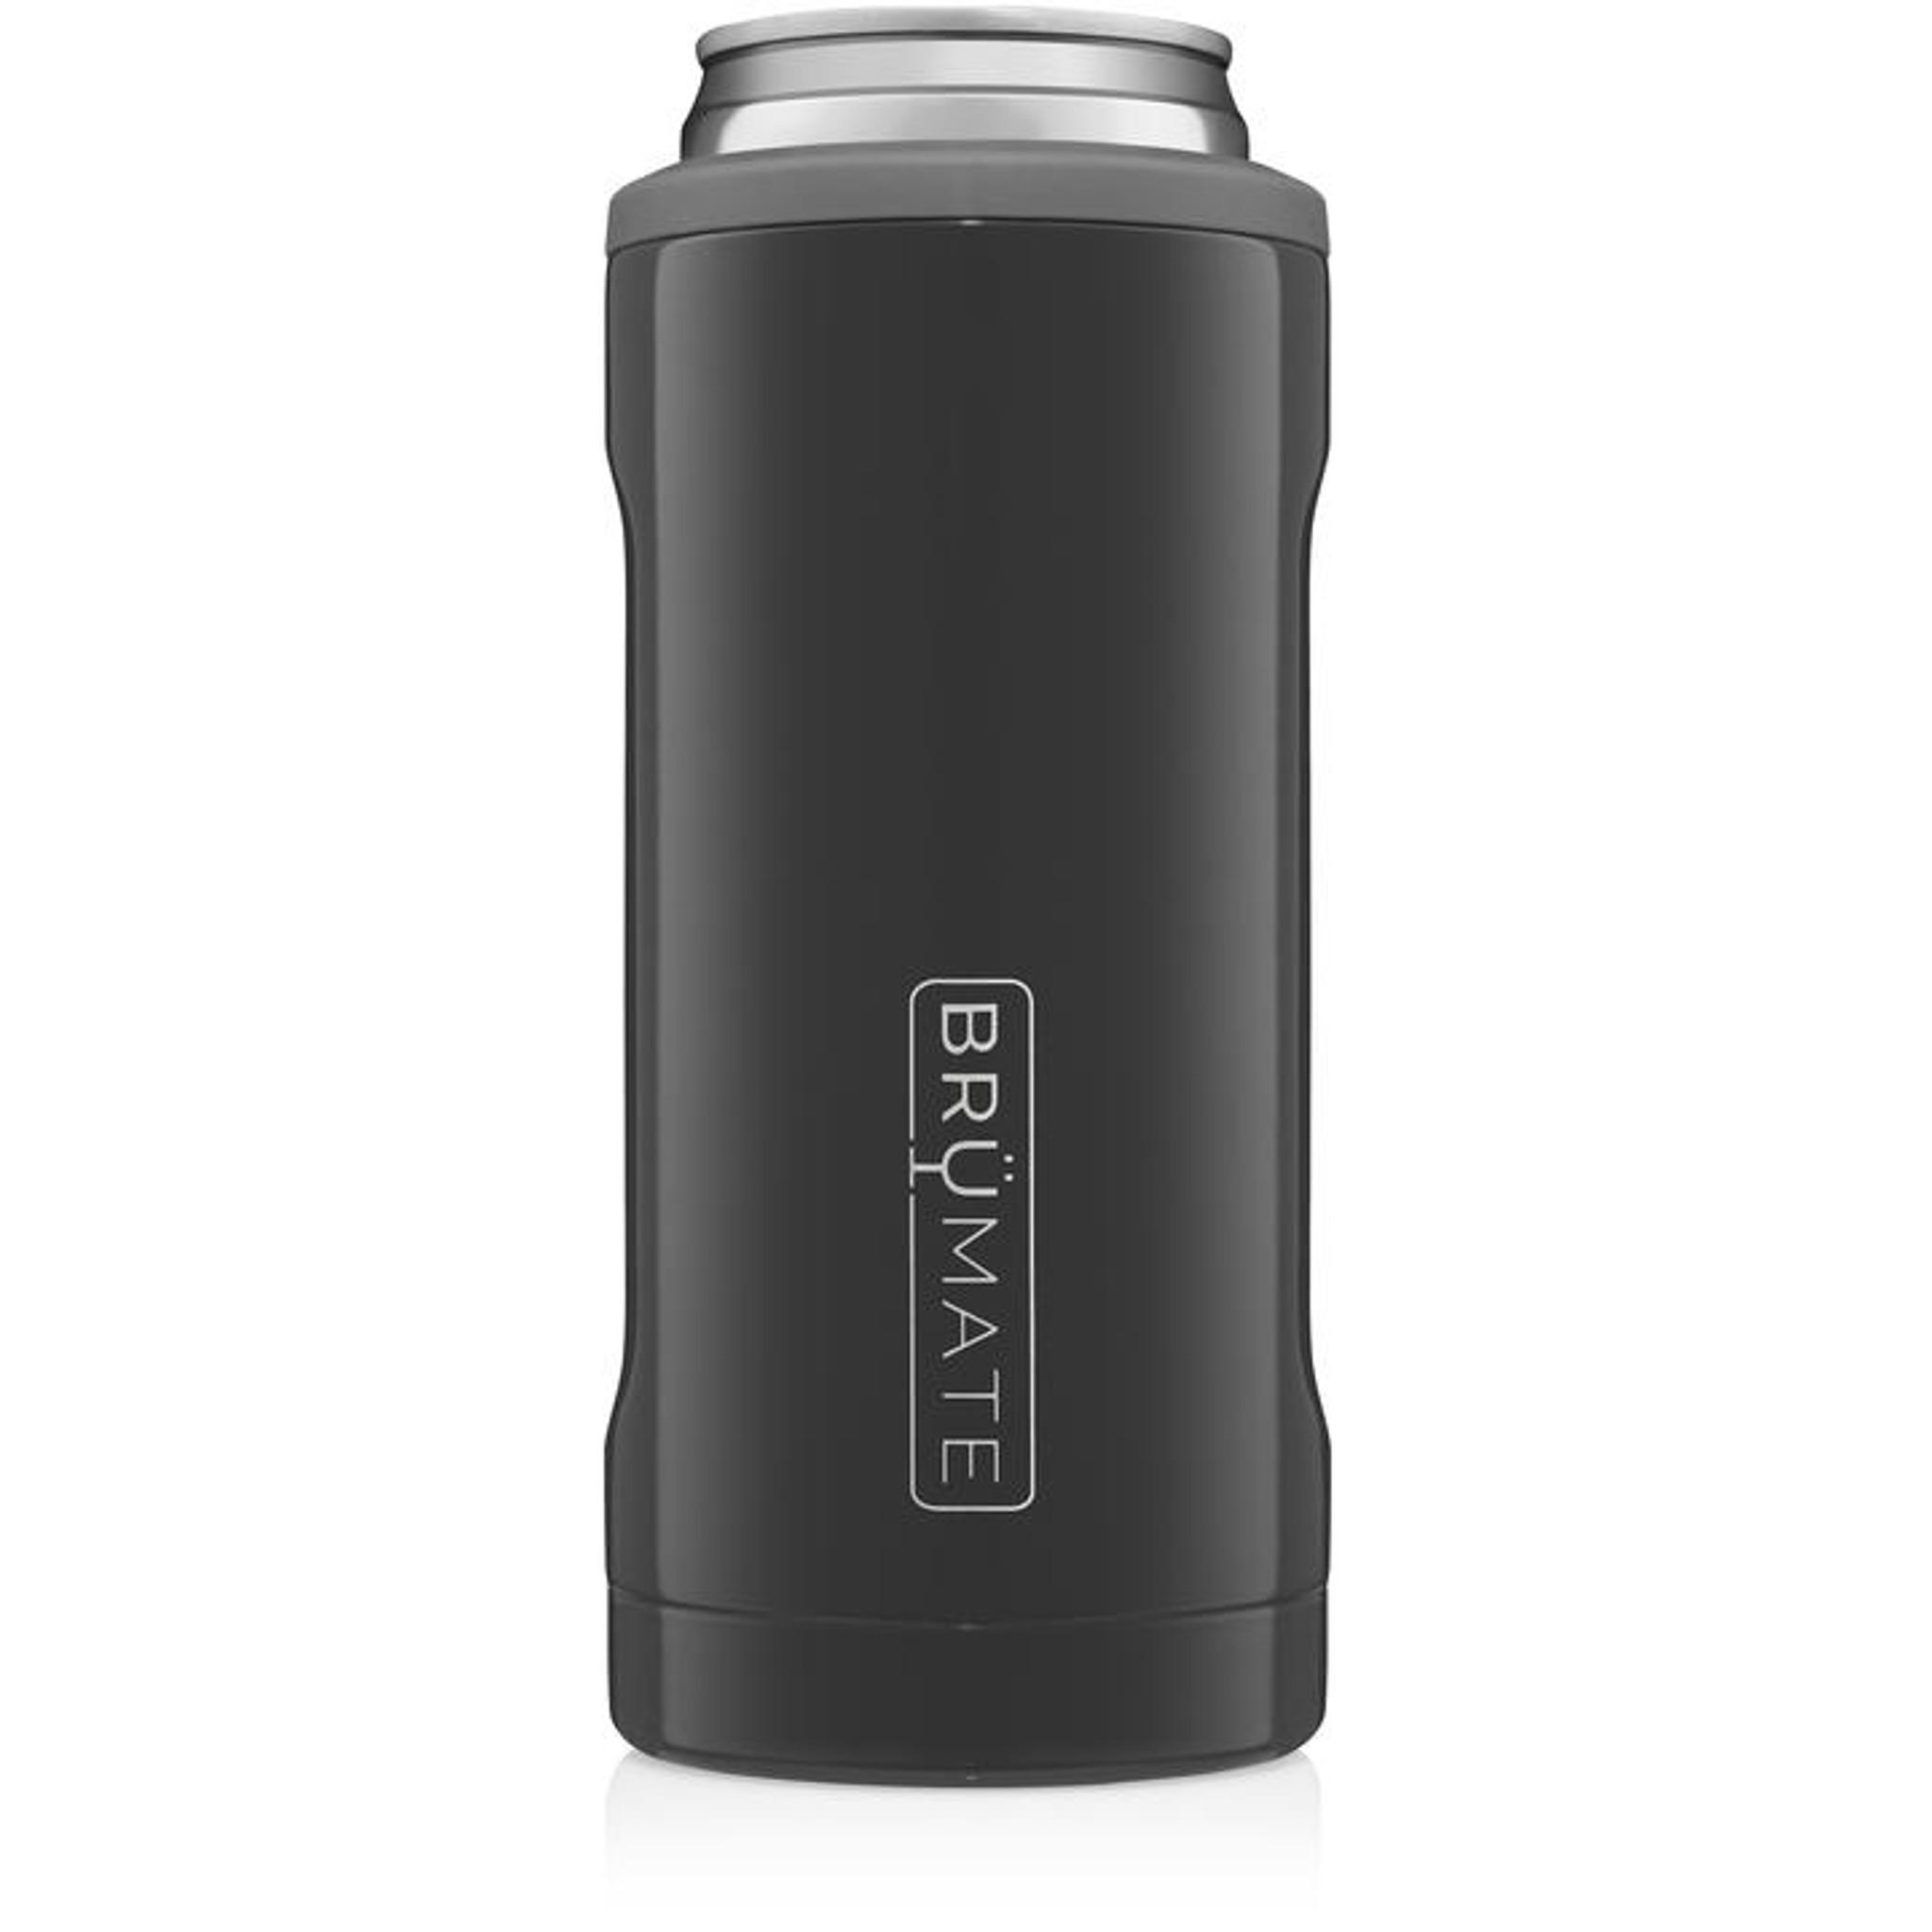 Brumate Slim Hopsulator - Charcoal